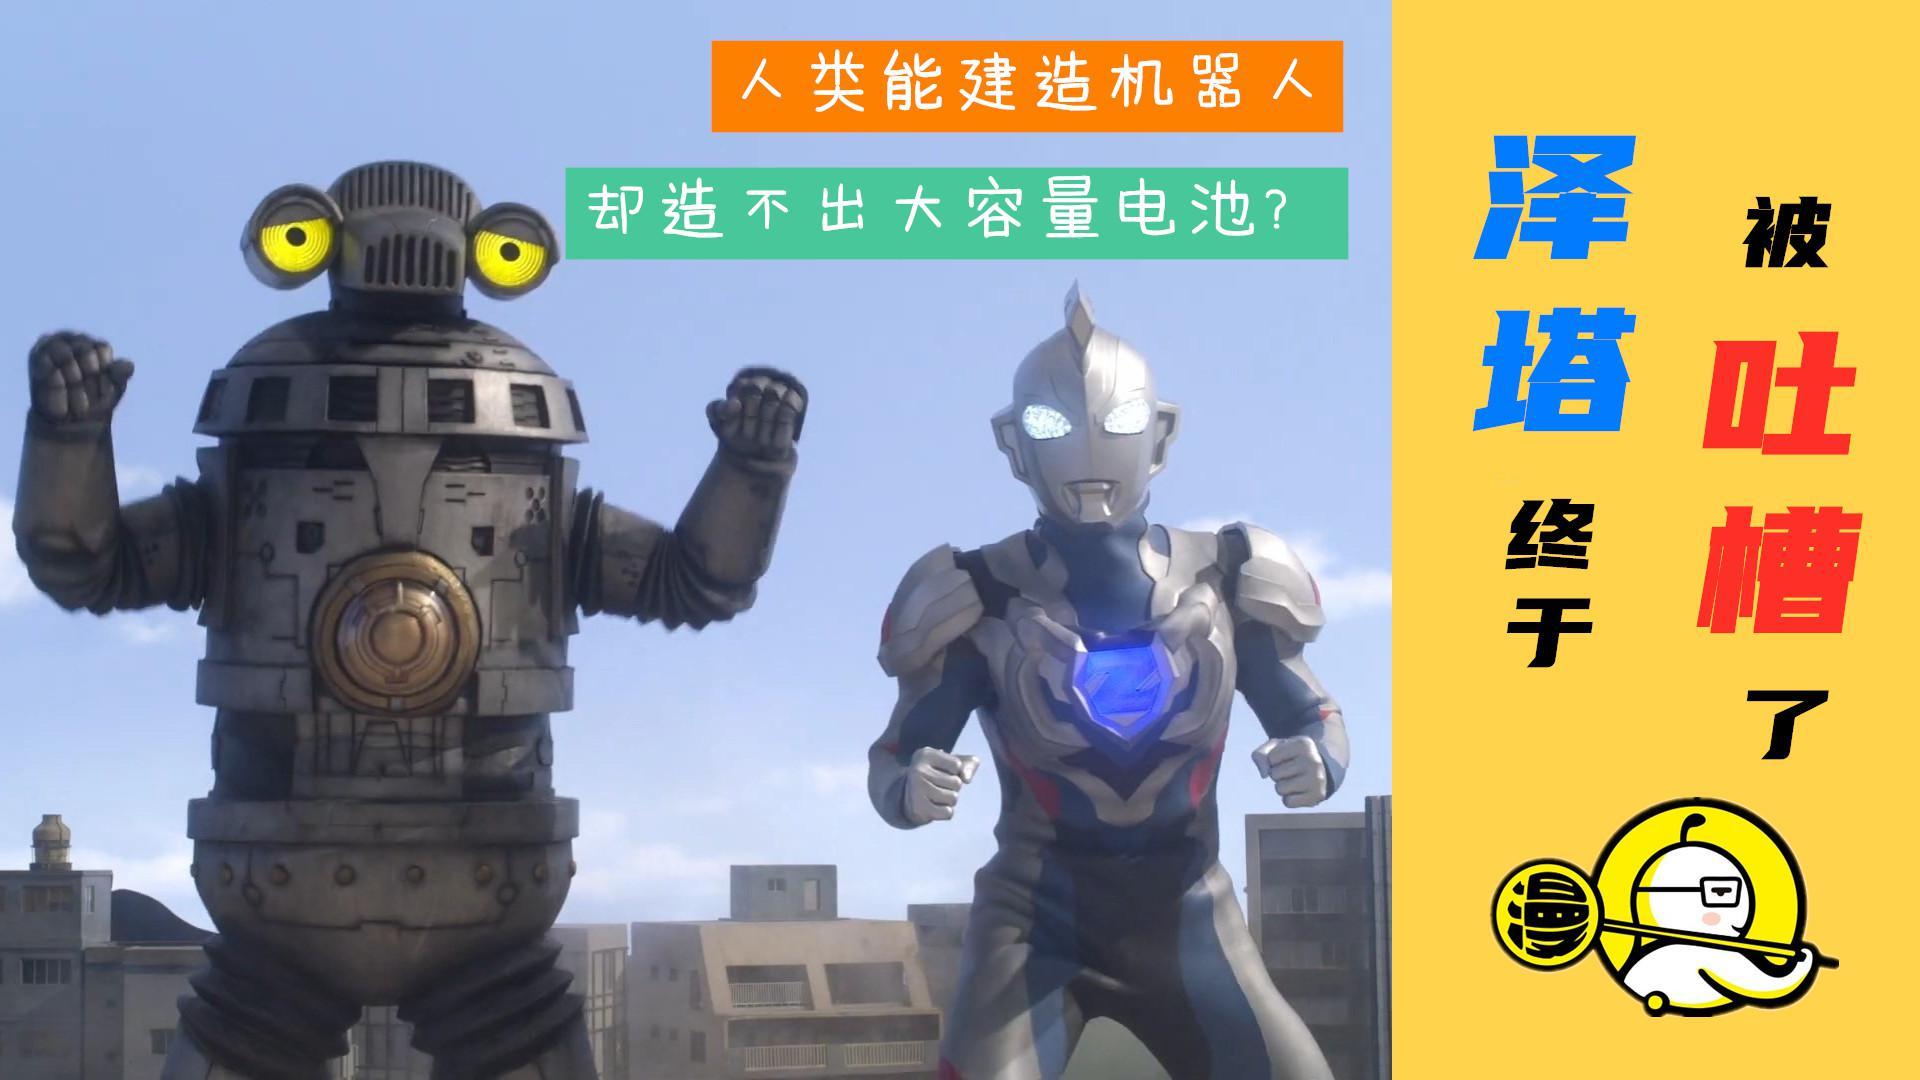 泽塔终于被吐槽了!人类能建造机器人,却造不出大容量电池?